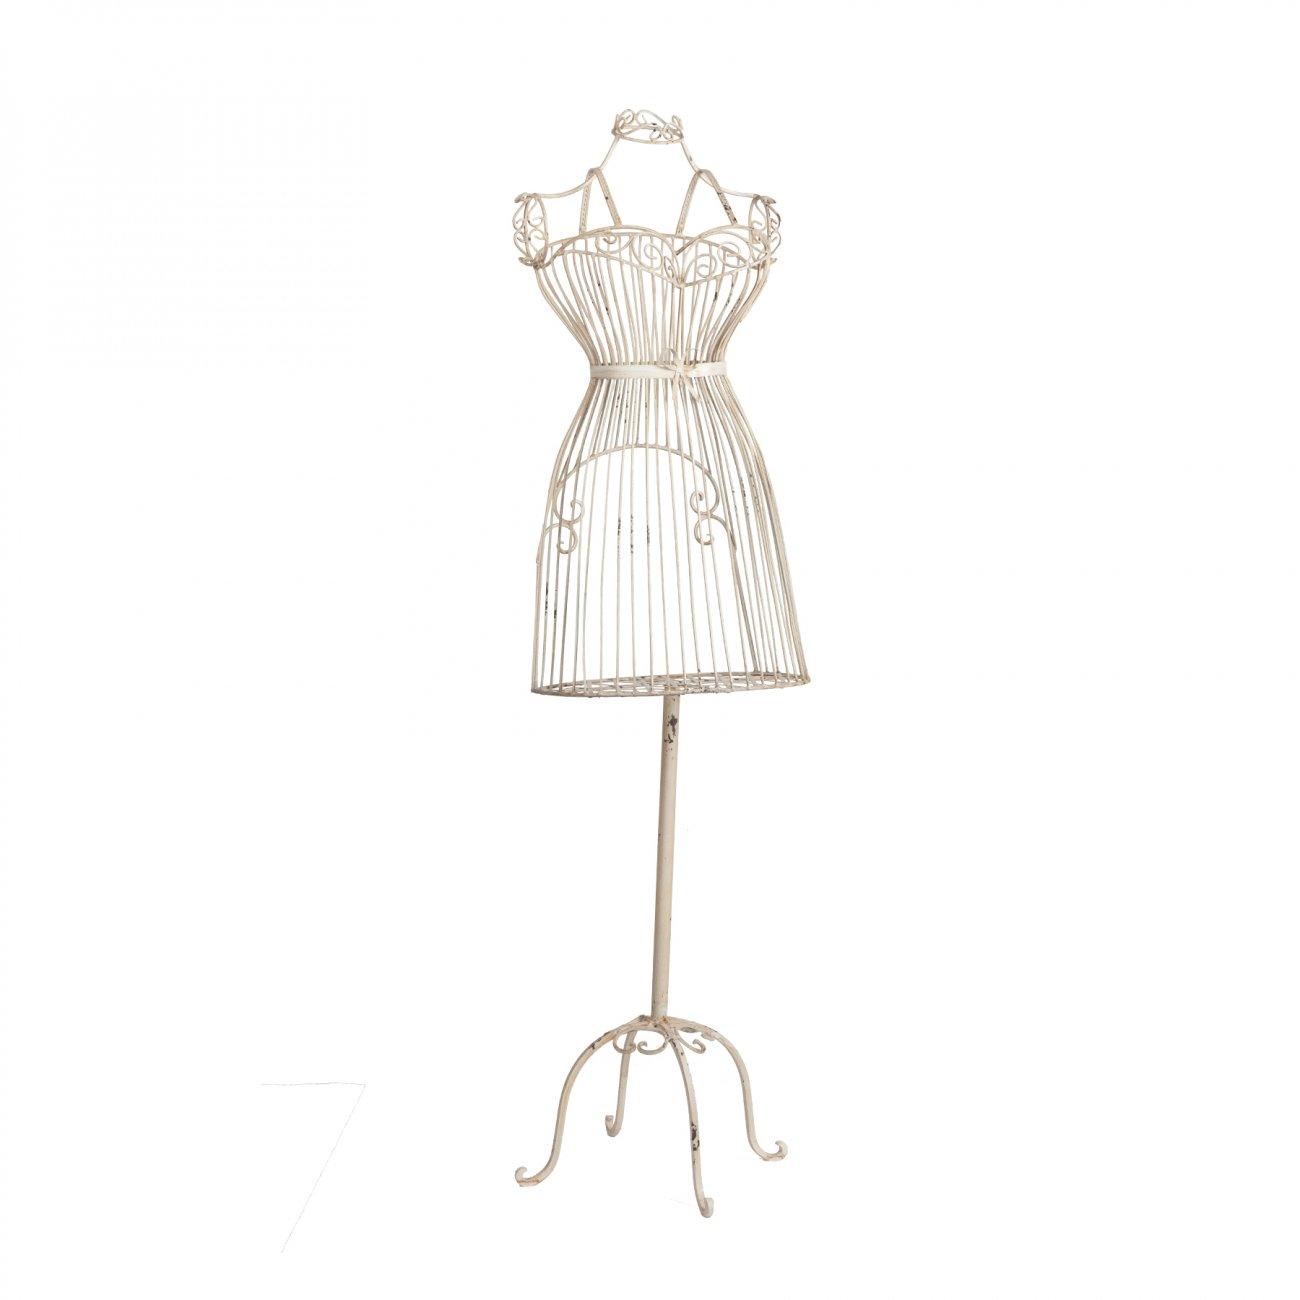 Купить Репродукция манекена Monroe Кремовый в интернет магазине дизайнерской мебели и аксессуаров для дома и дачи